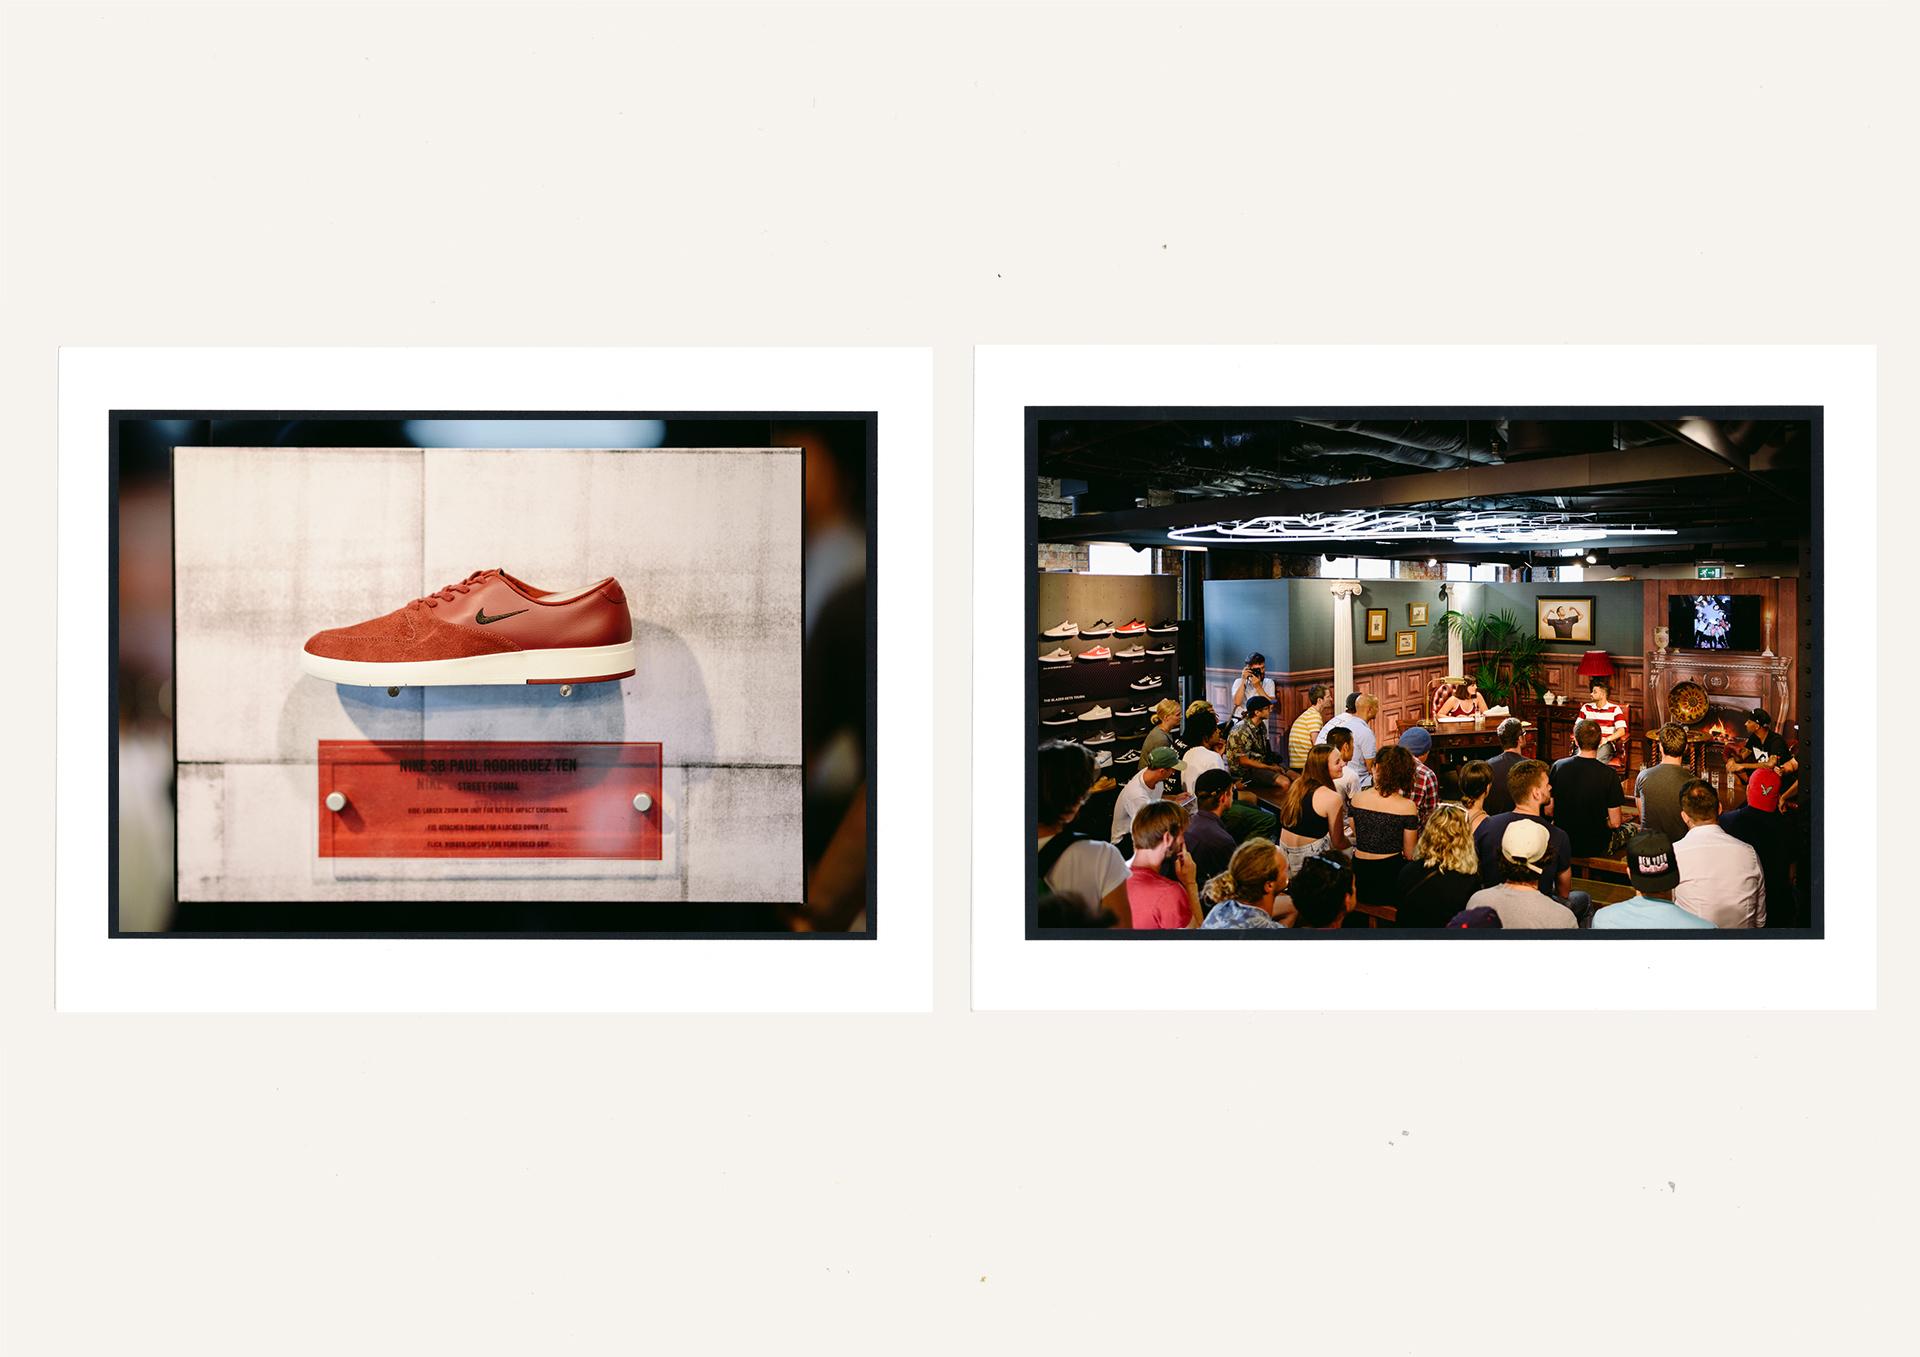 Nike_SB_Gallery_Image_8.jpg